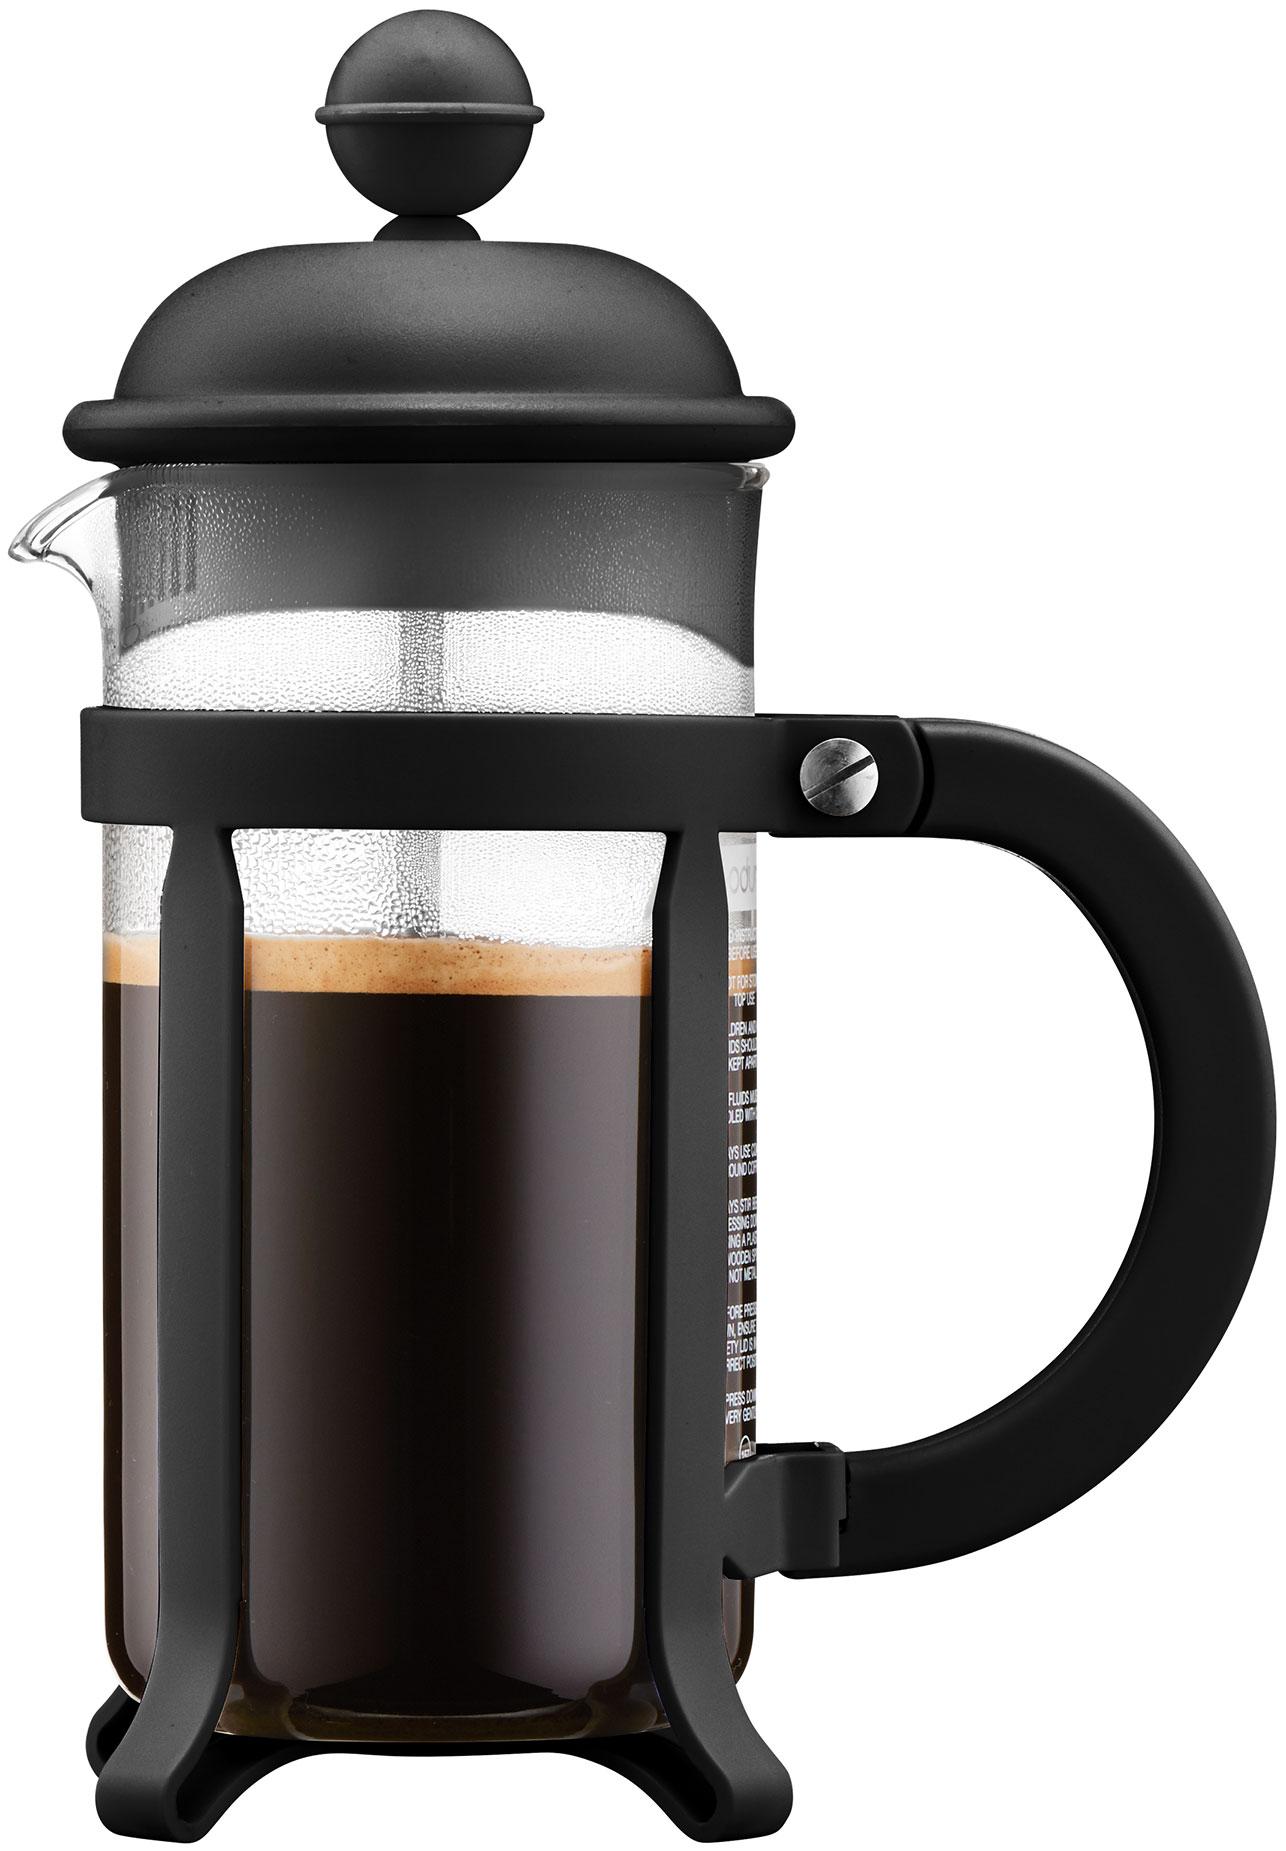 פרקולטור 3 כוסות מסדרת Java בגימור שחור תוצרת Bodum שוויץ